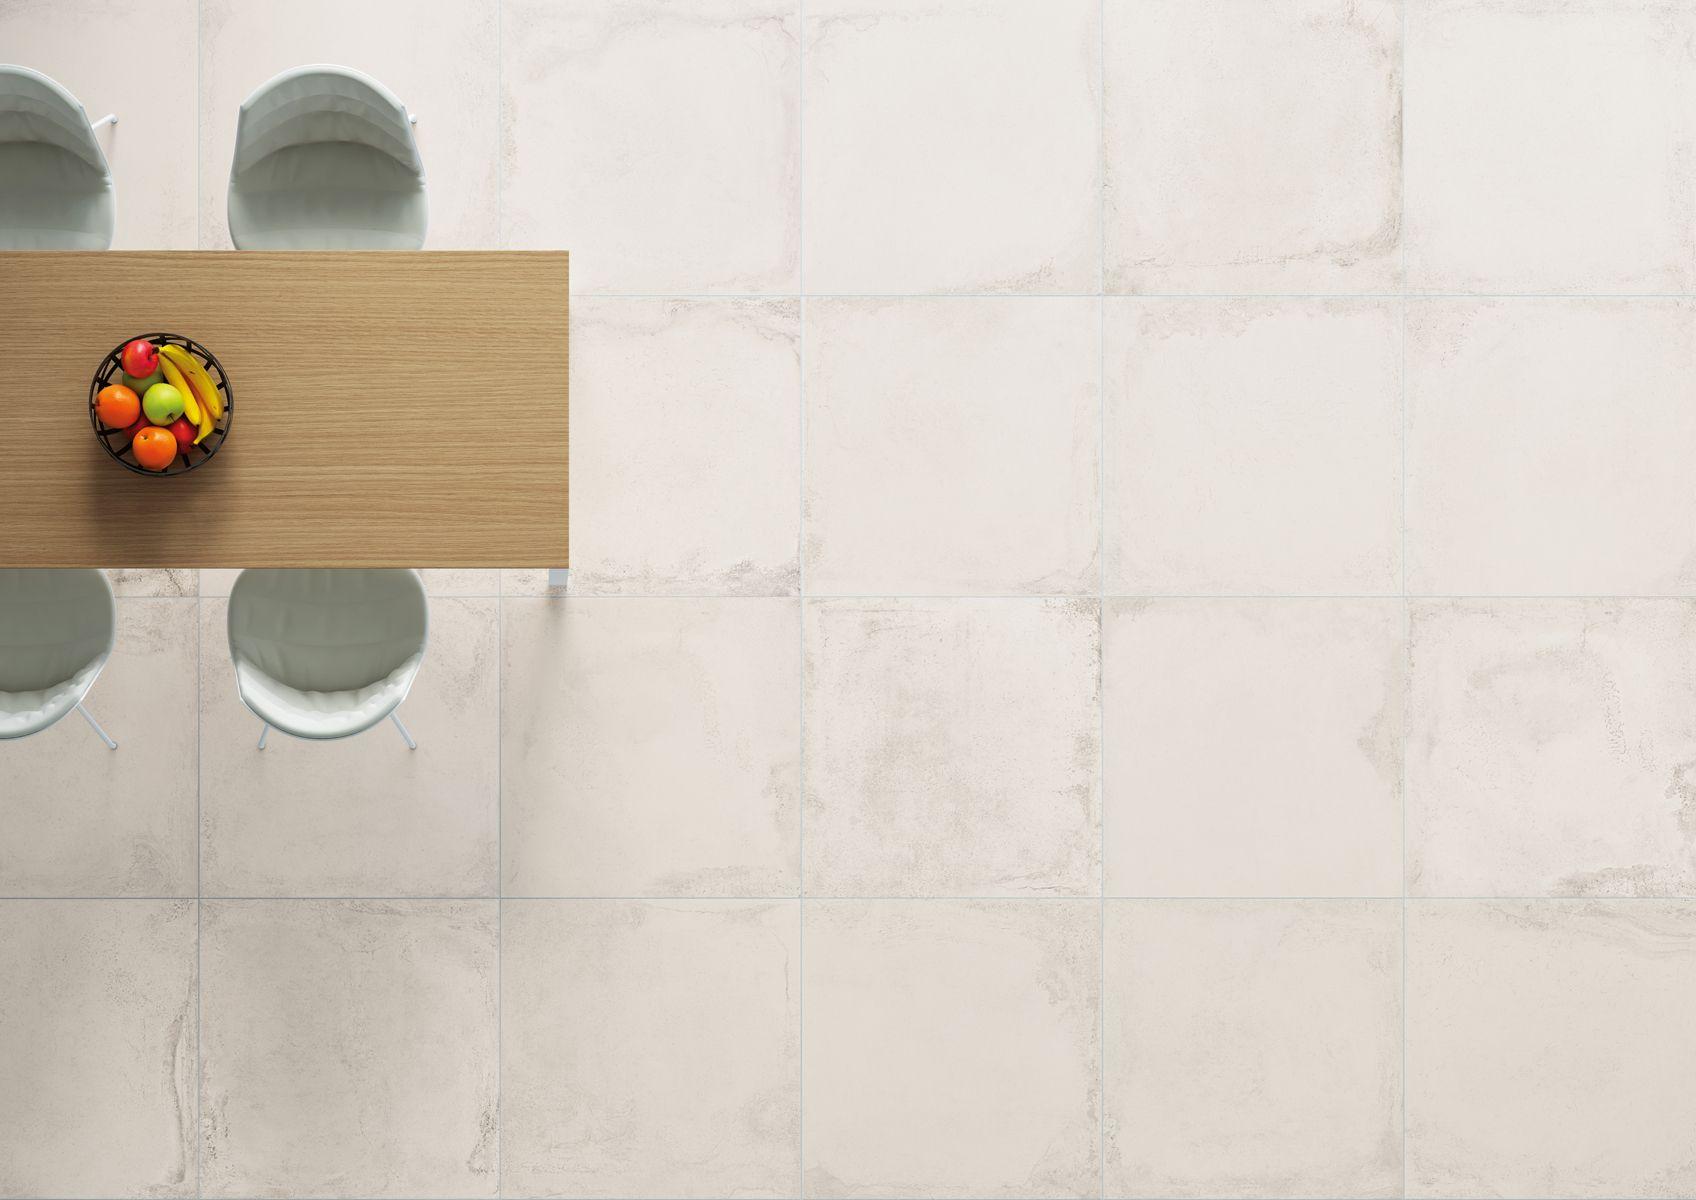 La Fabbrica Ceramiche - VELVET Collection - www.lafabbrica.it -  #texture #table #chairs #white